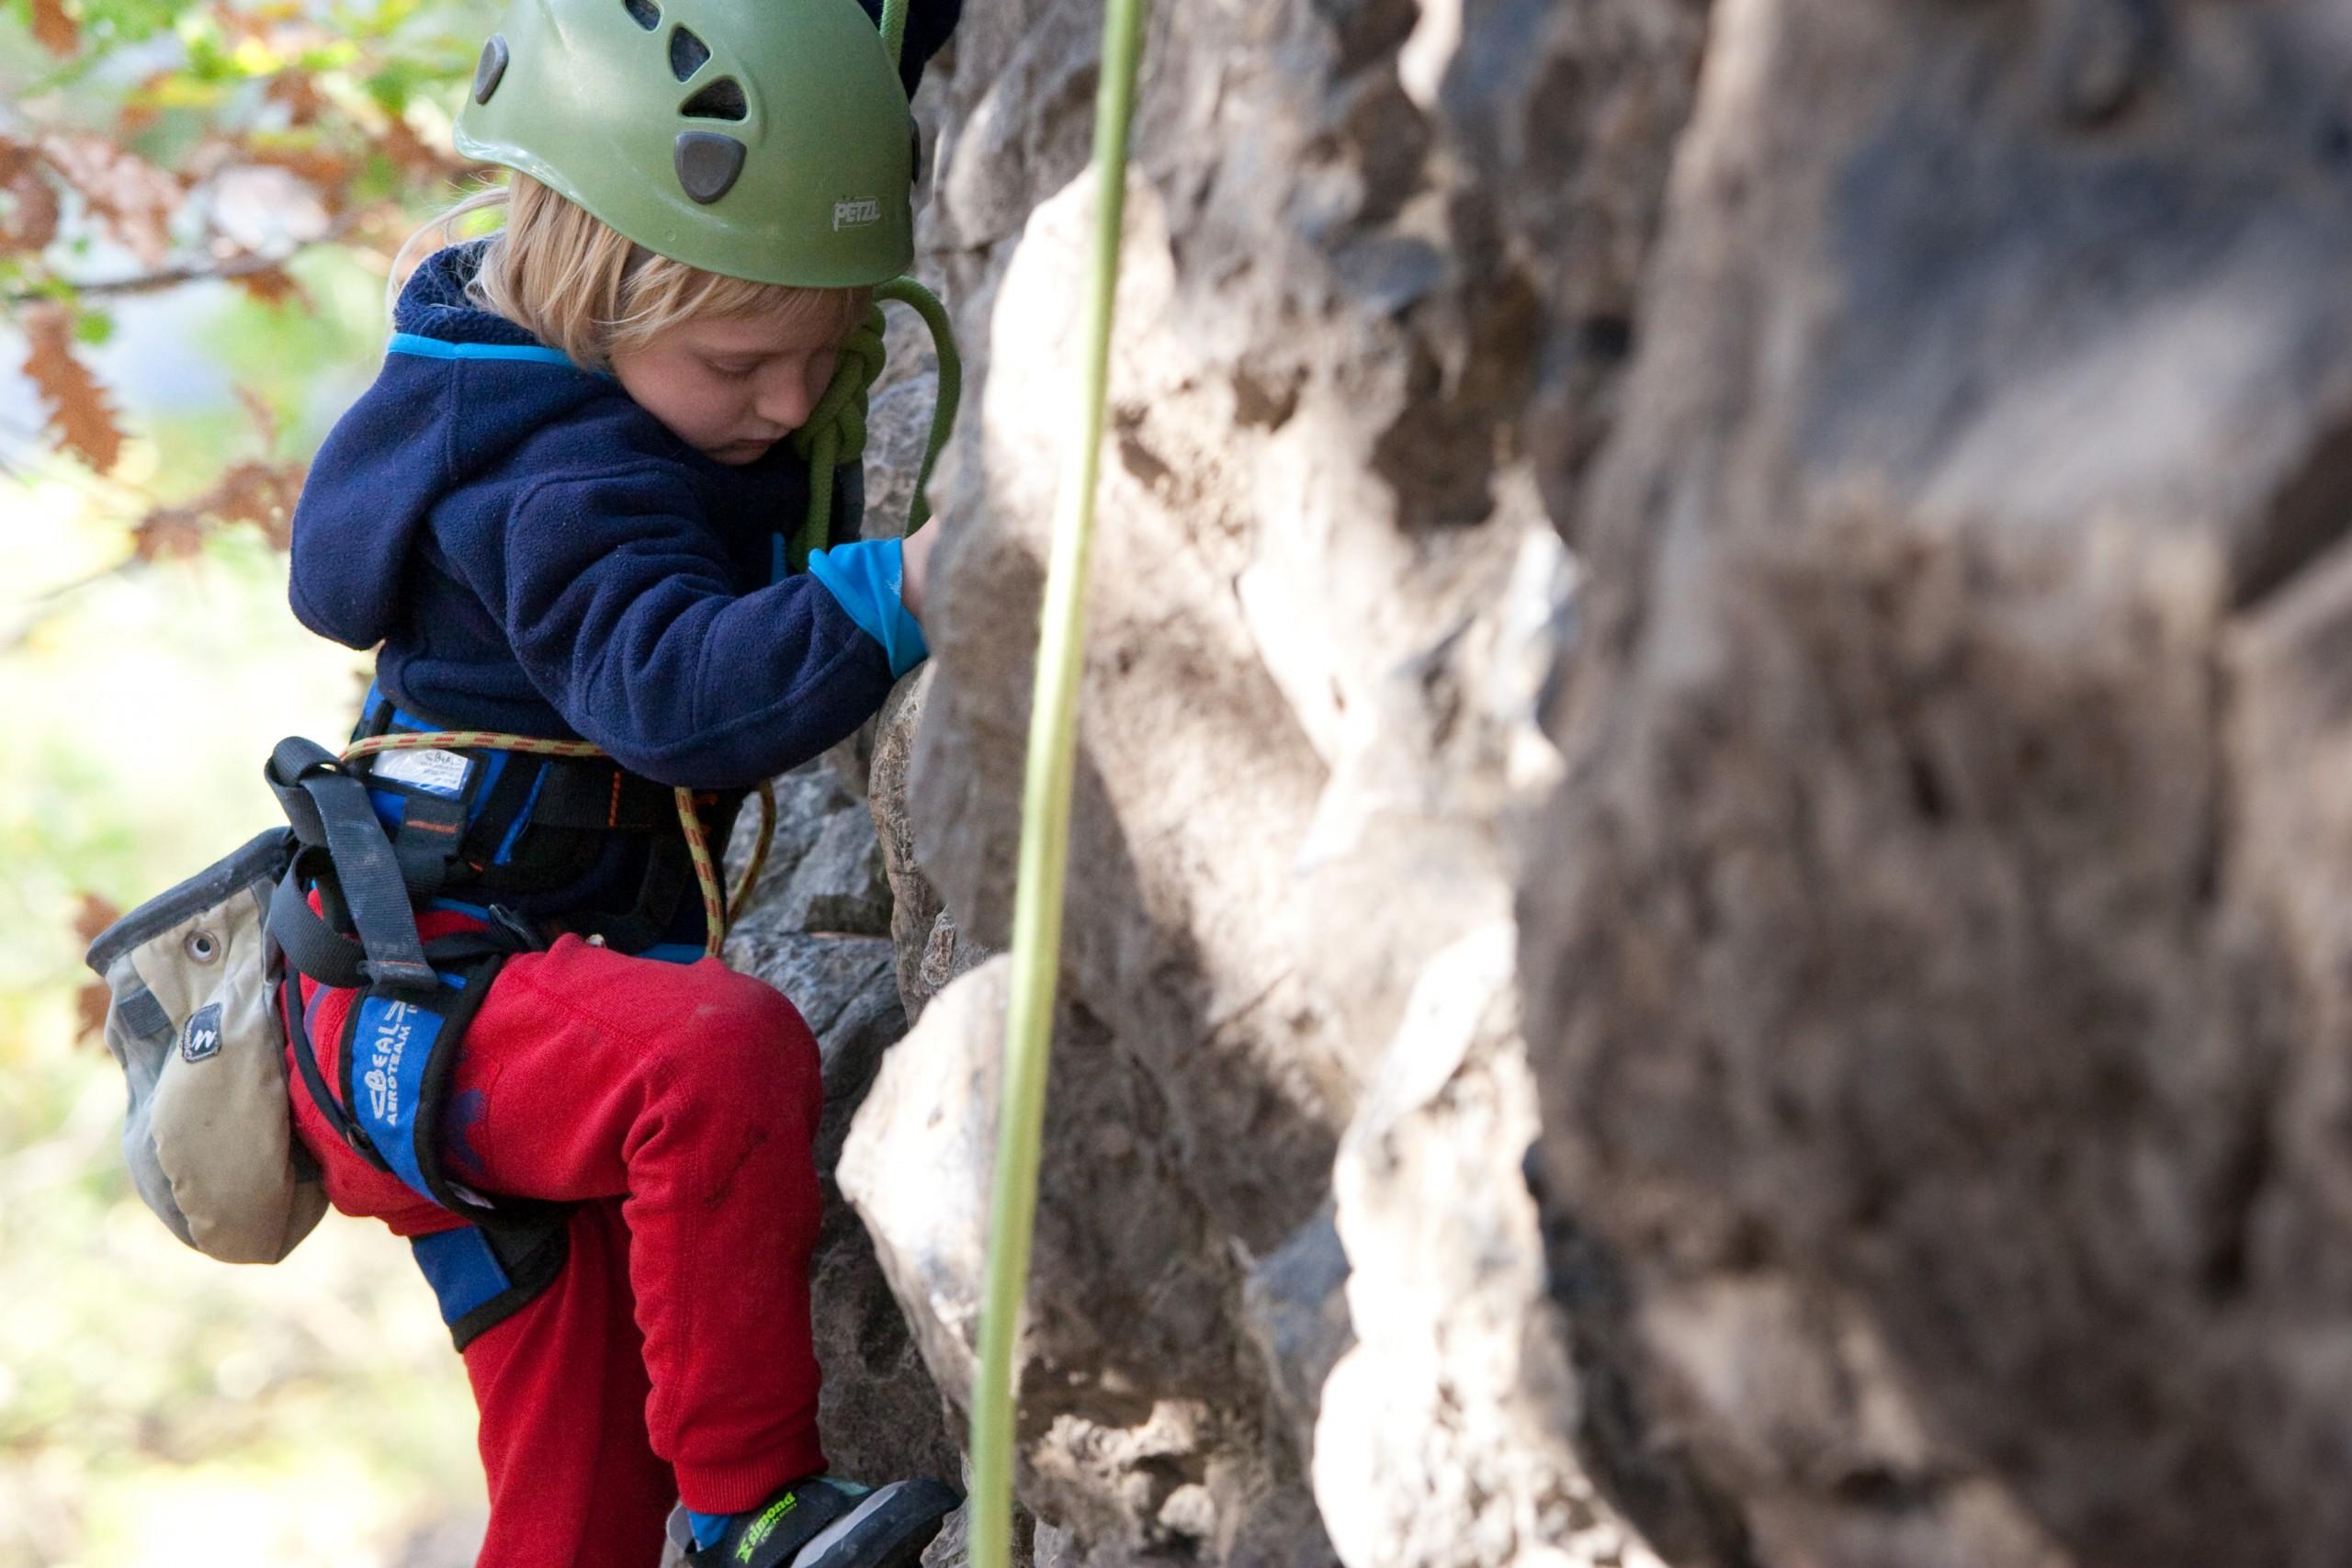 Un enfant grimpe pendant sa première initiation à l'escalade avec un Guide de haute montagne au dessus d'embrun.